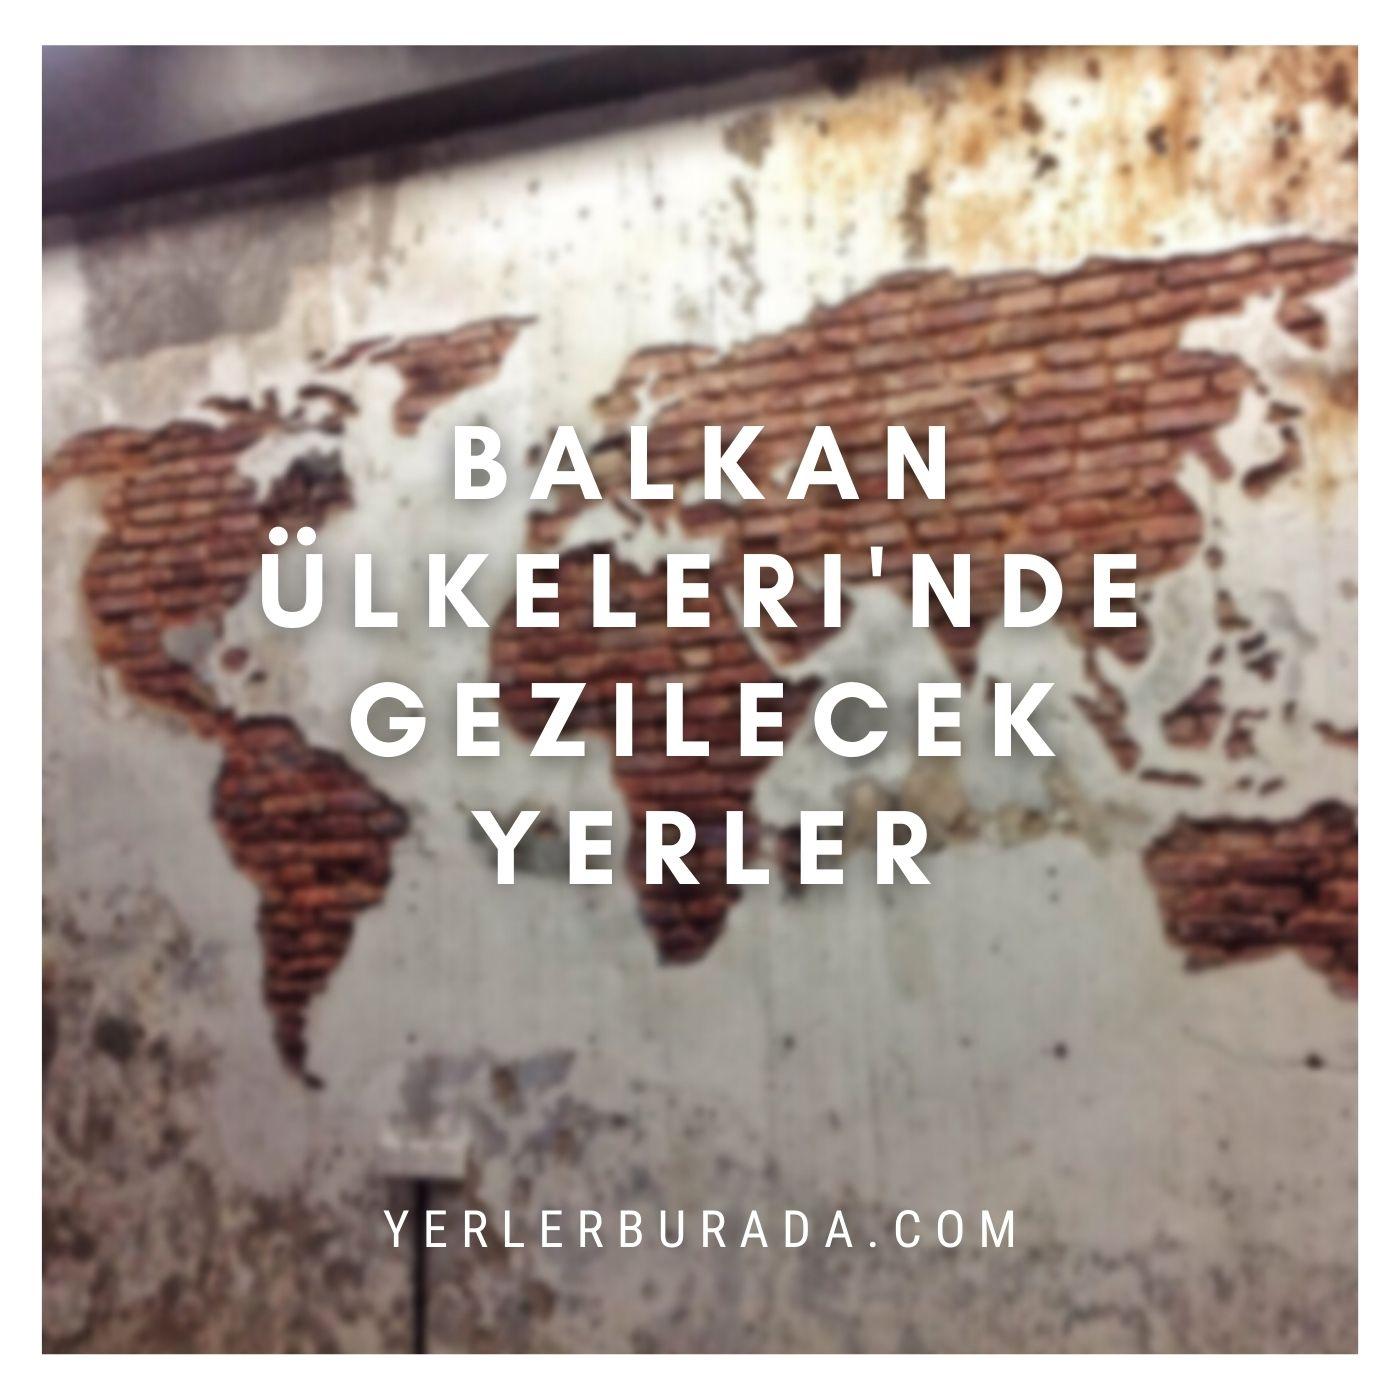 balkan ülkeleri'nde gezilecek yerler